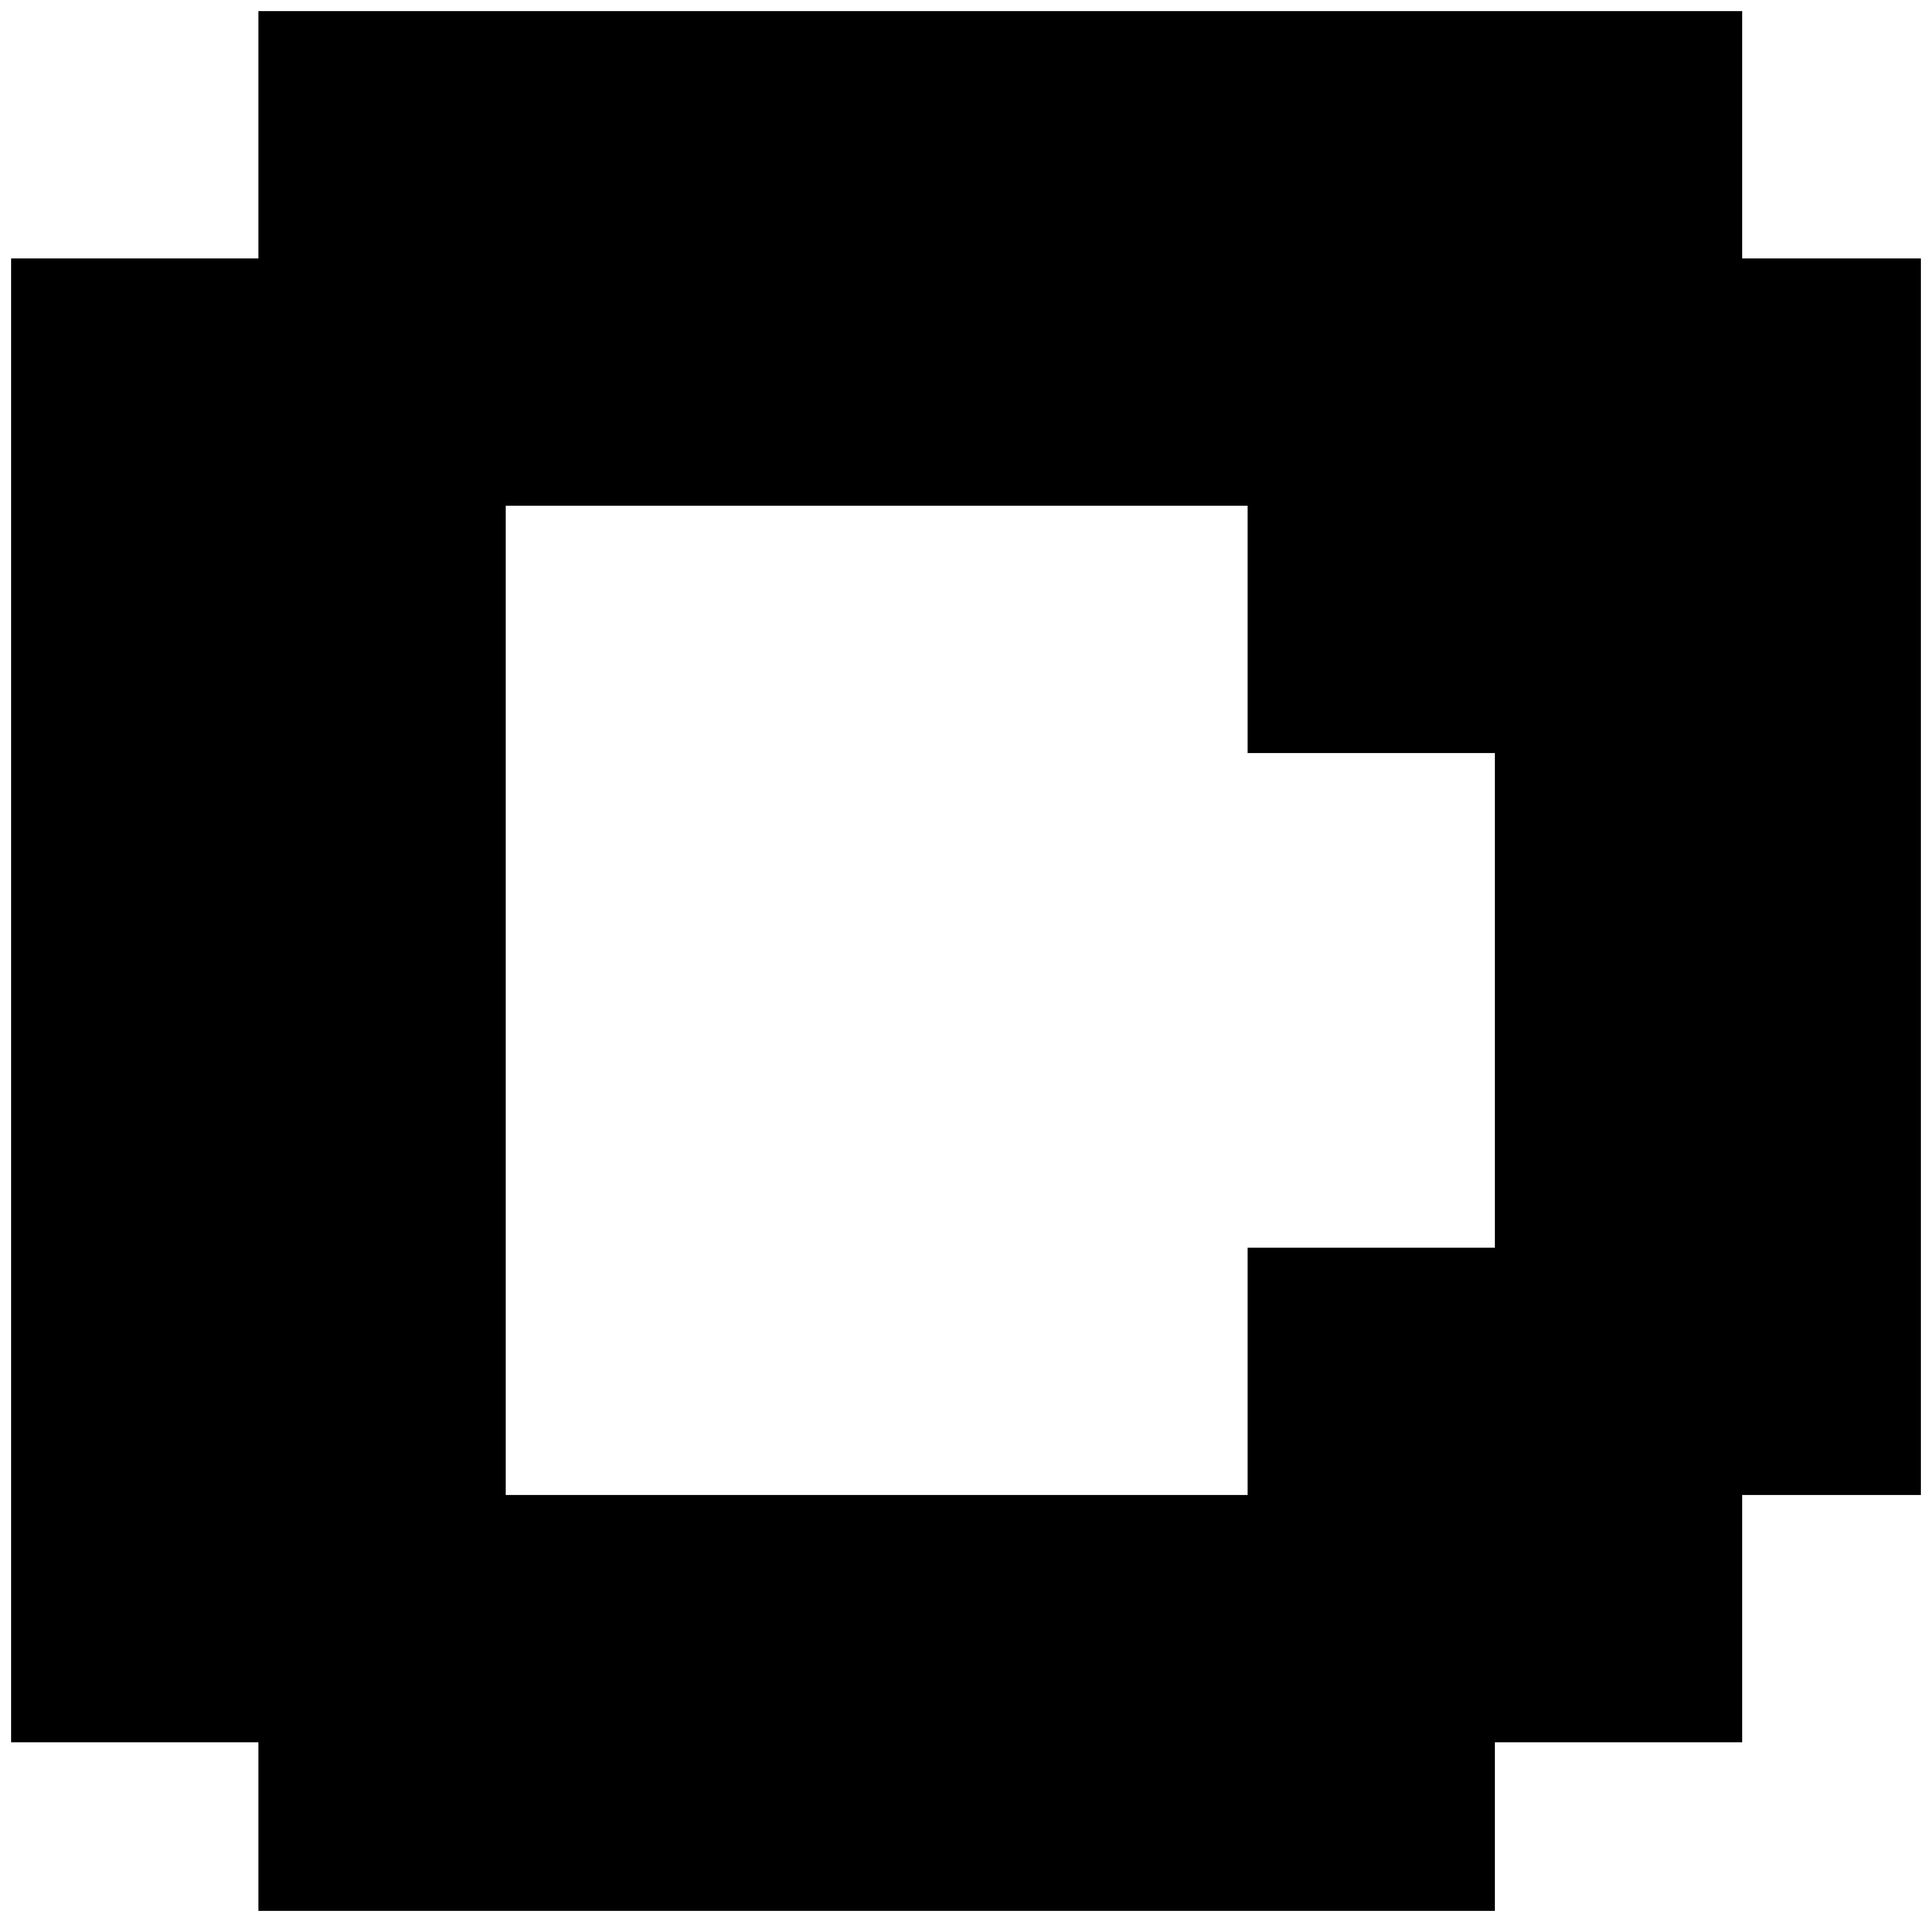 Round Black Border Frame PNG Clip Art Image.